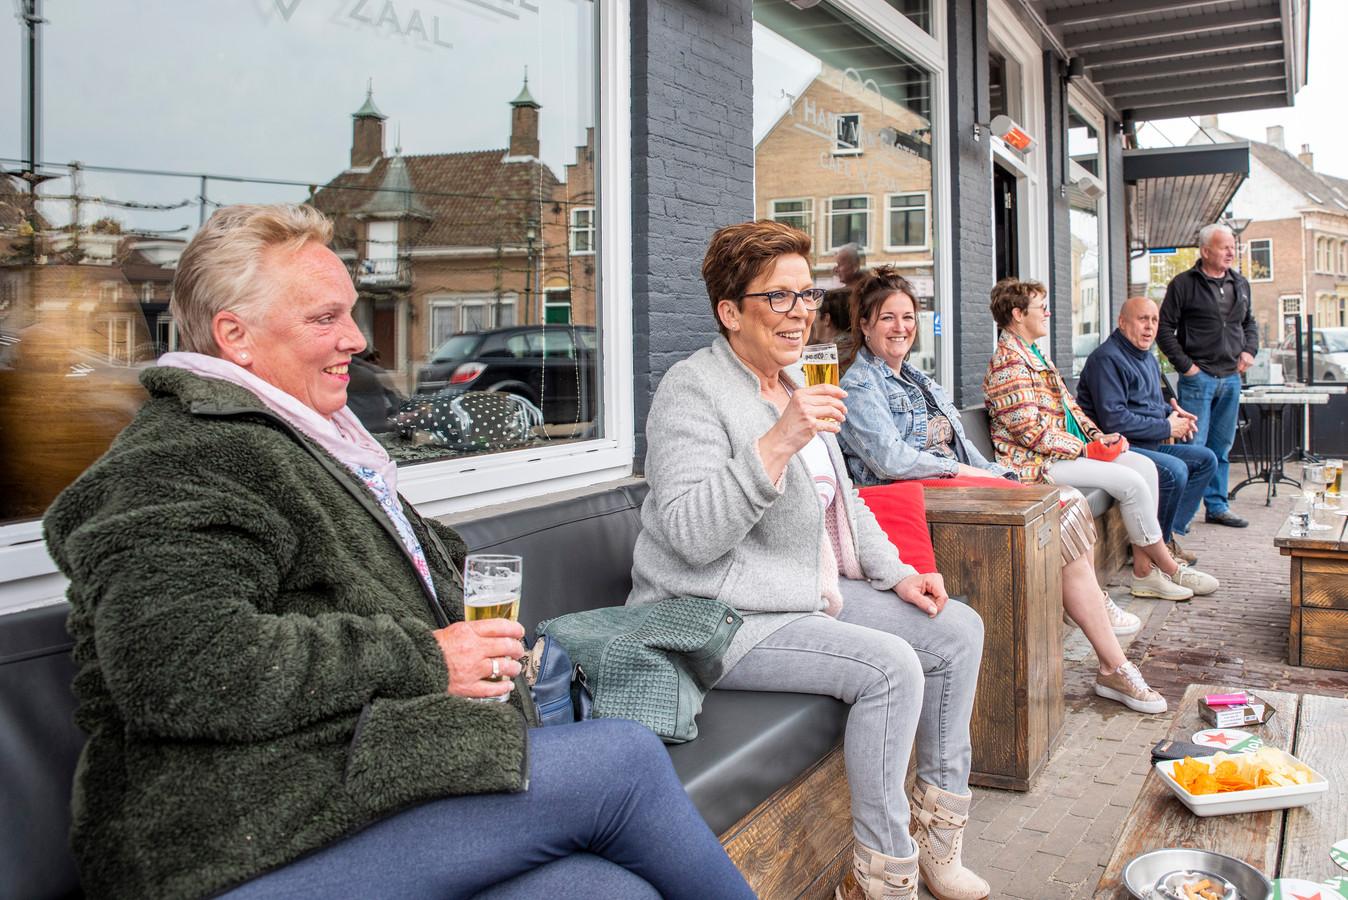 Oud Gastel, Moreno Molenaar/Pix4Profs  Josefien, Marlies en Chantal zien elkaar weer op het terras van 't Hart van Gastel.